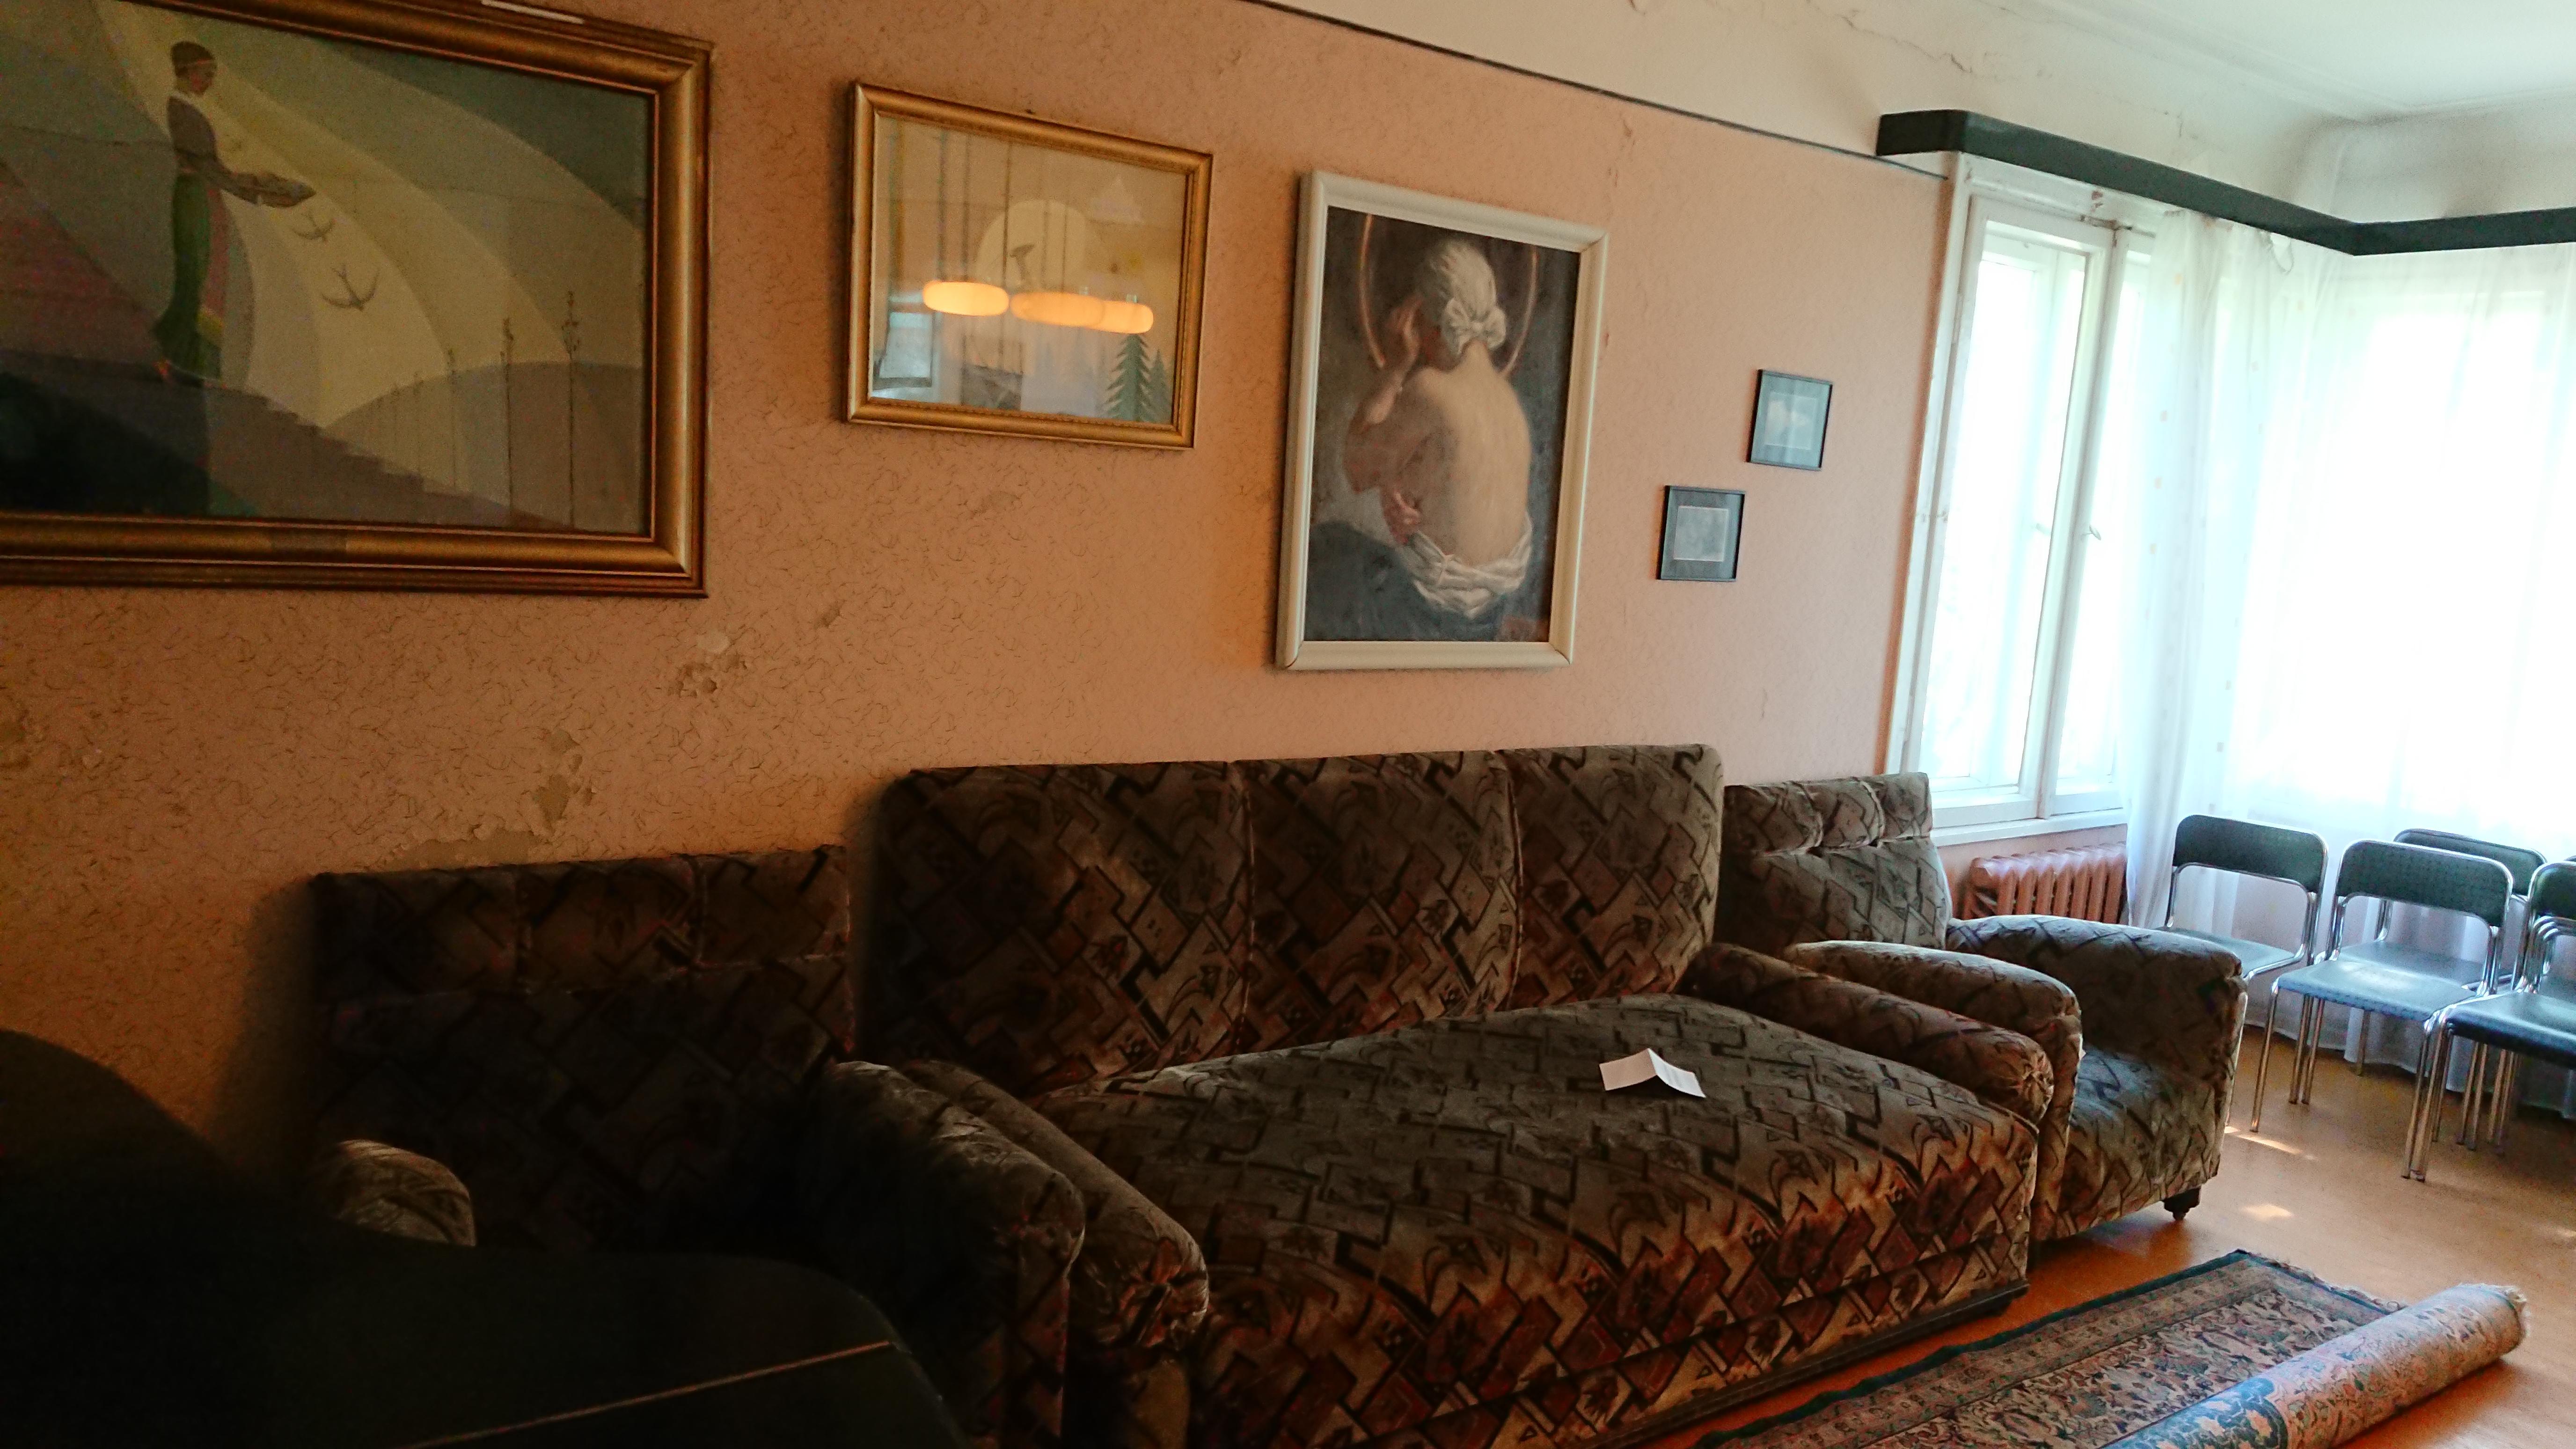 Ir šį muziejų turtina kadaise savininkams dovanoti paveikslai, autentiški baldai